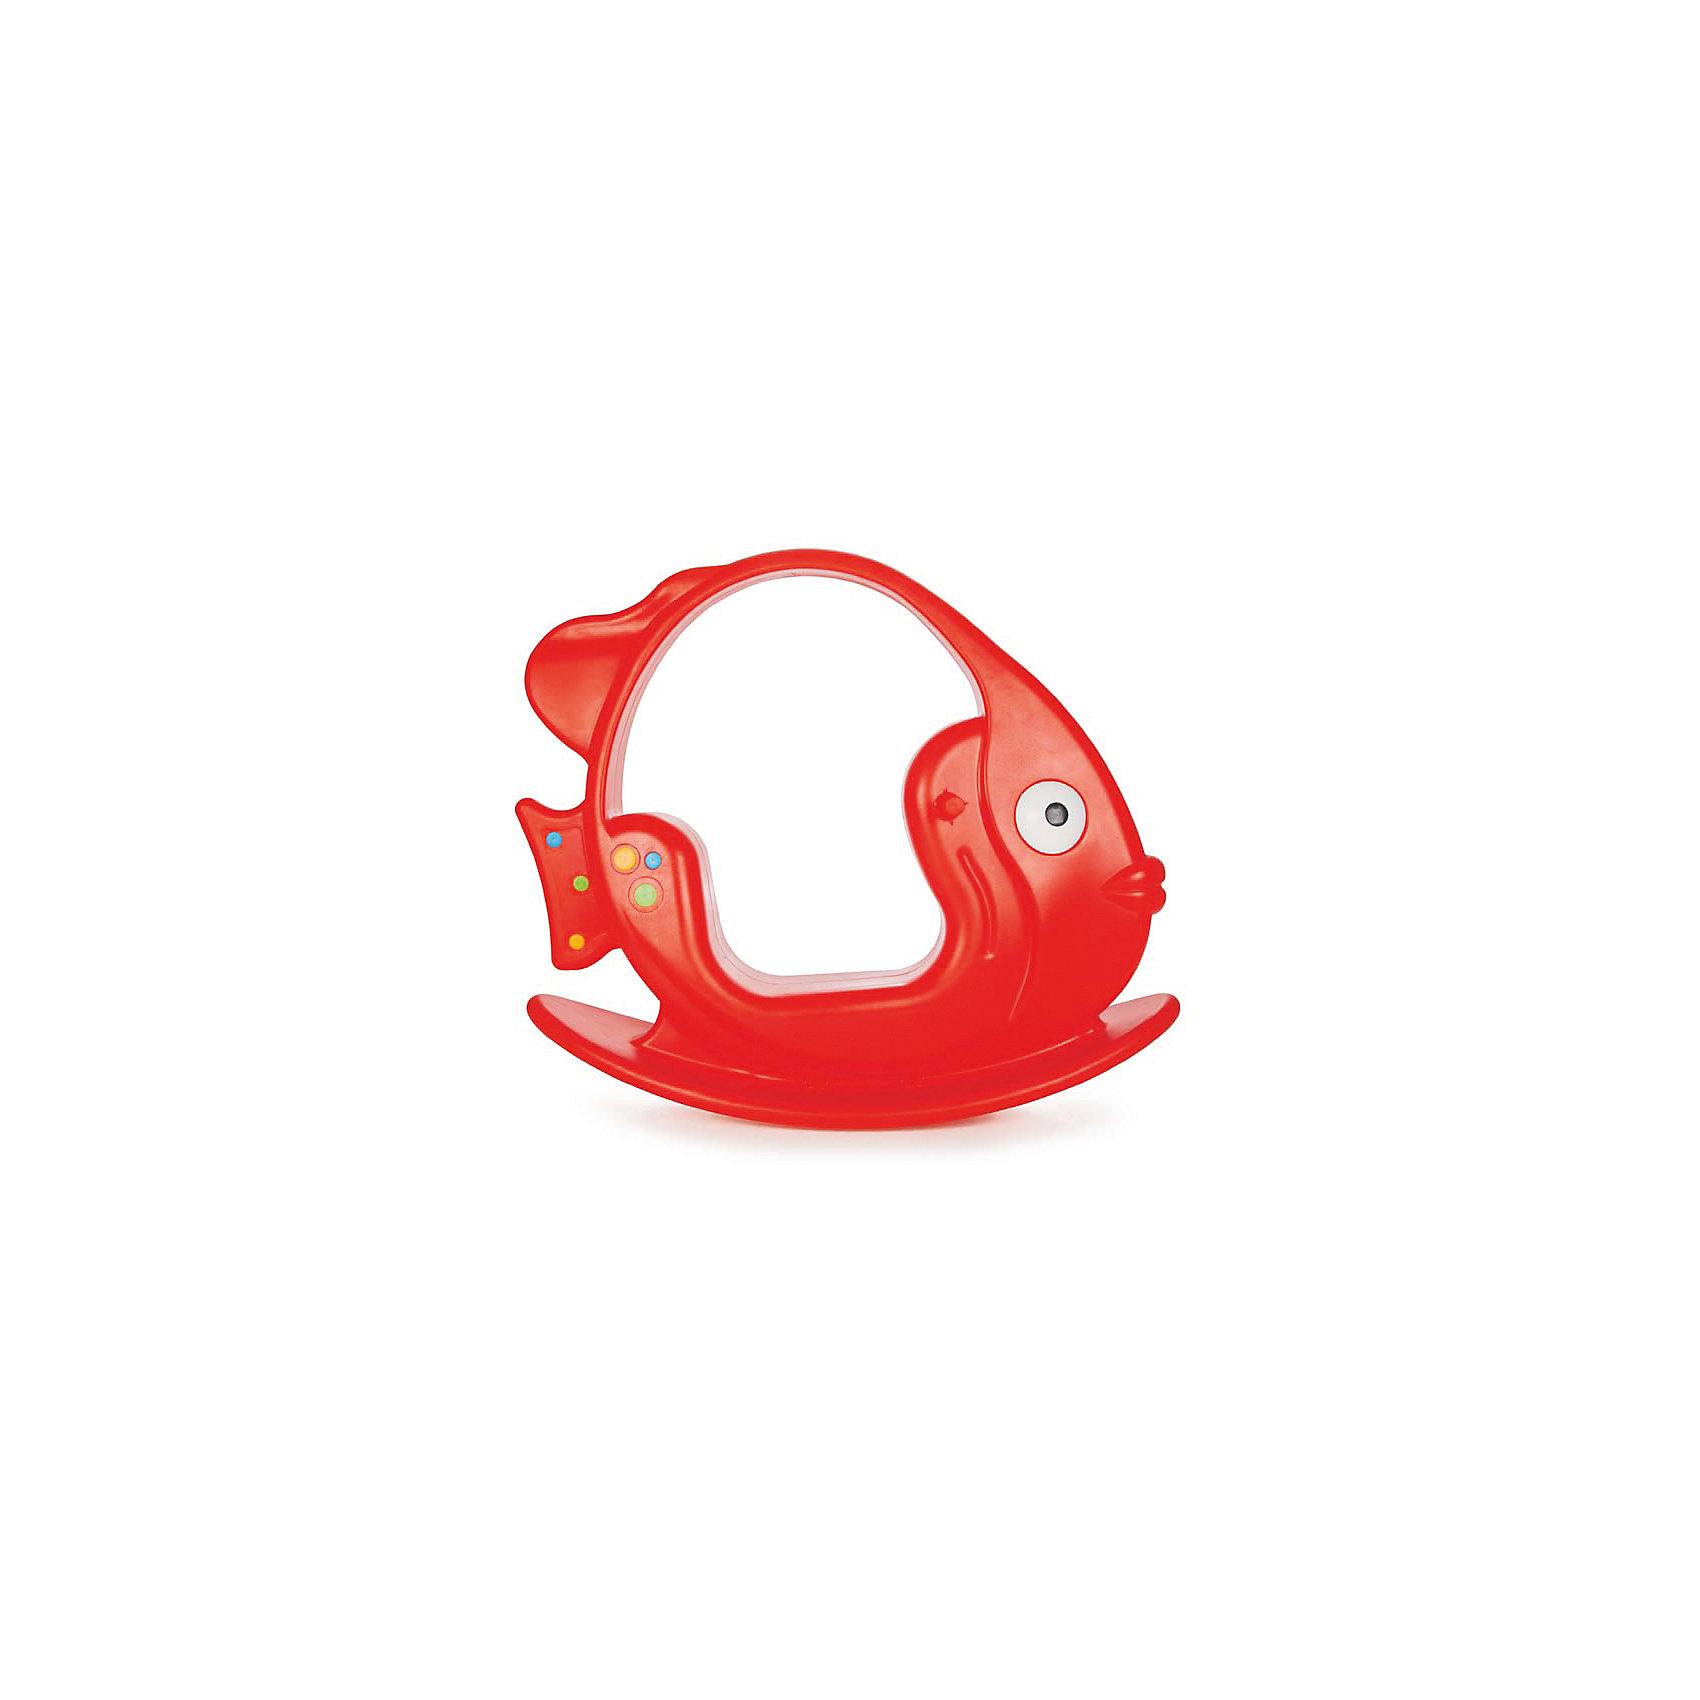 Качалка Рыбка объёмная, PILSANКачалки<br>Характеристики товара:<br><br>• цвет: красный<br>• возраст: от 3 лет<br>• защита от опрокидывания<br>• удобные ручки<br>• эргономичный дизайн<br>• не скользит<br>• способствует физическому развитию, развивает координацию<br>• материал: пластик<br>• размер упаковки: 87х103х34 см<br>• вес: 6,4 кг<br><br>Яркая рыбка подарит малышу много веселых эмоций! <br><br>Ребенок сможет качаться на рыбке дома или на свежем воздухе. <br><br>Качалка имеет защиту от опрокидывания, нескользящую поверхность и фиксаторы для ног. Во время игры ребенок сможет держаться за удобные ручки. <br><br>Эргономичный дизайн не оставит кроху равнодушным!<br><br>Качалку Рыбка объёмная, PILSAN (Пилсан) вы можете купить в нашем интернет-магазине.<br><br>Ширина мм: 340<br>Глубина мм: 1030<br>Высота мм: 870<br>Вес г: 6400<br>Возраст от месяцев: 36<br>Возраст до месяцев: 84<br>Пол: Унисекс<br>Возраст: Детский<br>SKU: 5512049